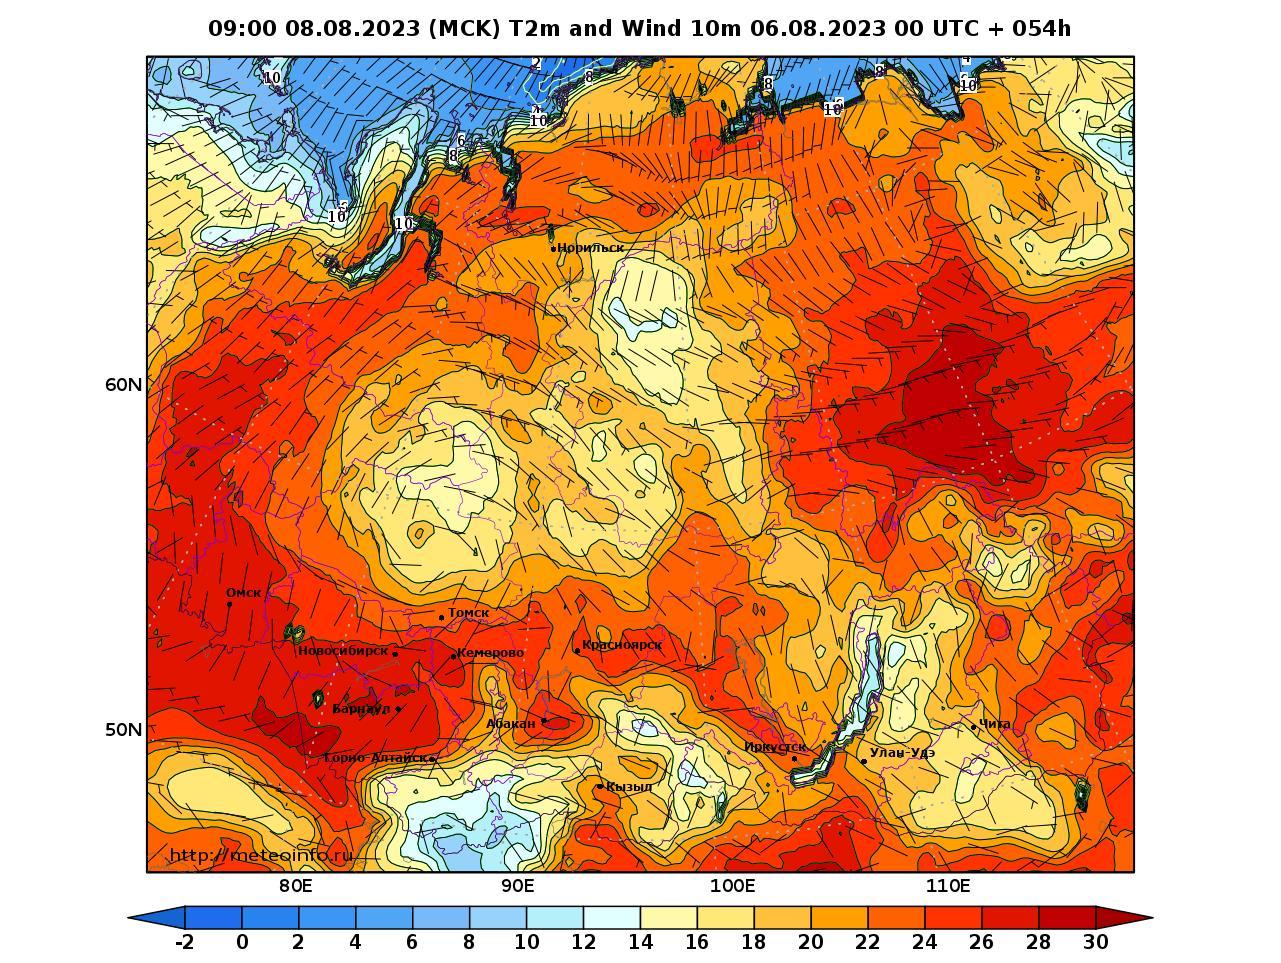 Сибирский Федеральный округ, прогностическая карта приземная температура, заблаговременность прогноза 54 часа